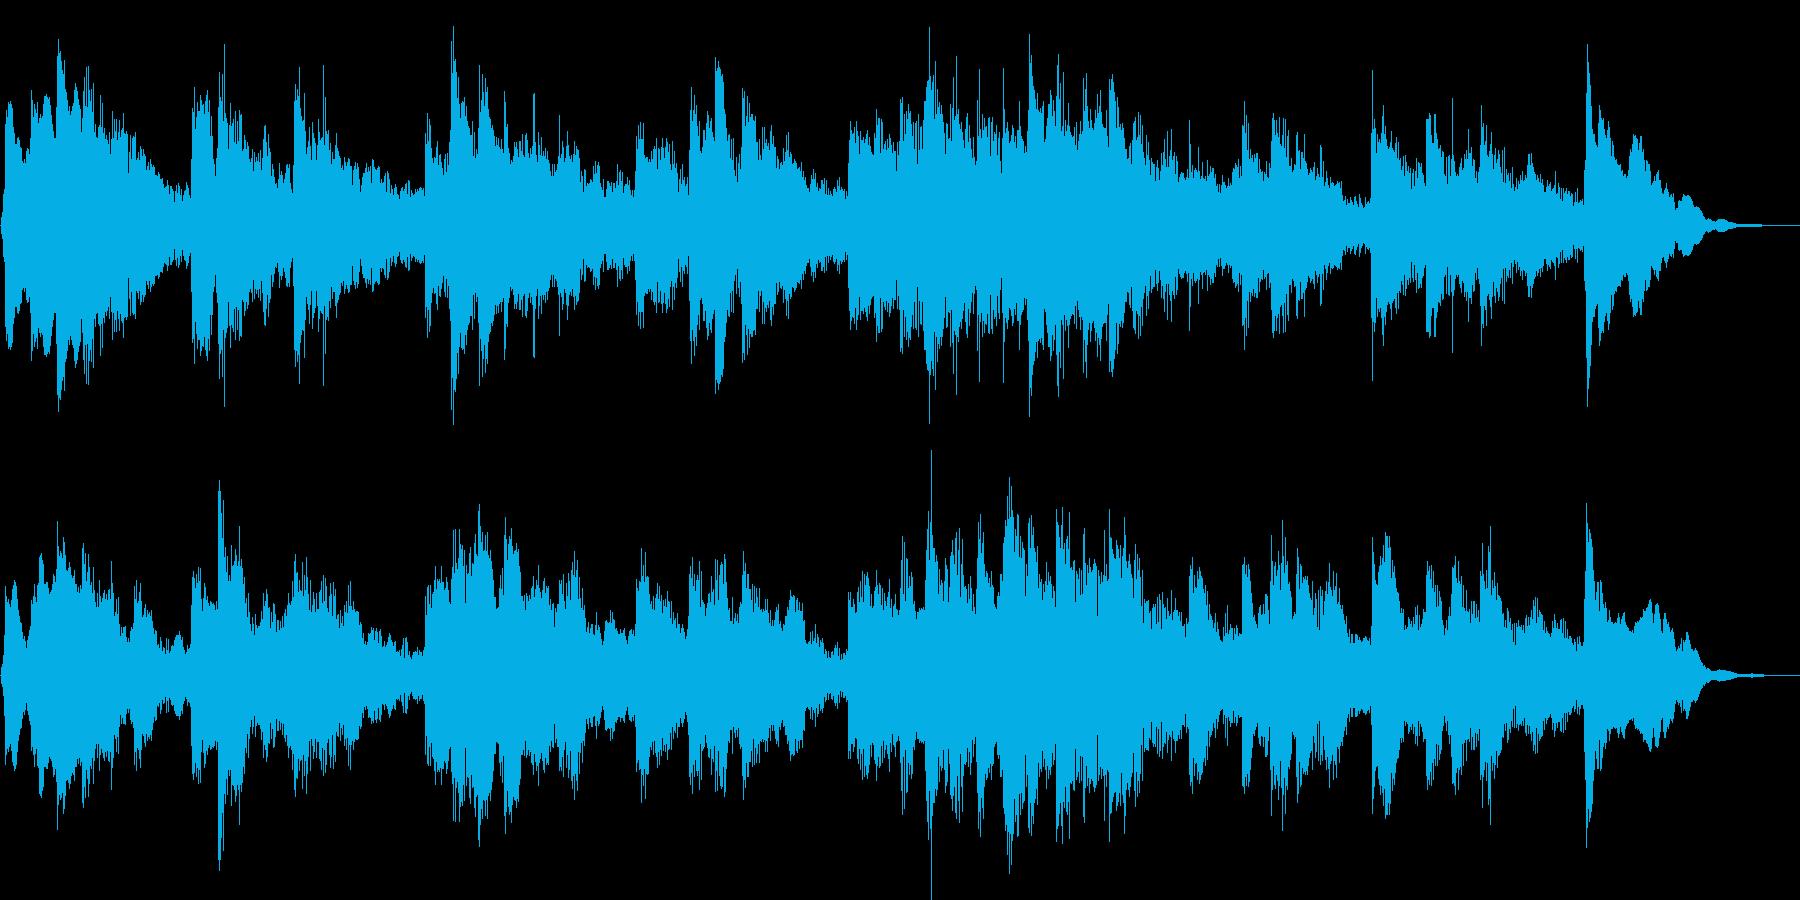 悲しく哀愁感溢れるピアノのBGMの再生済みの波形